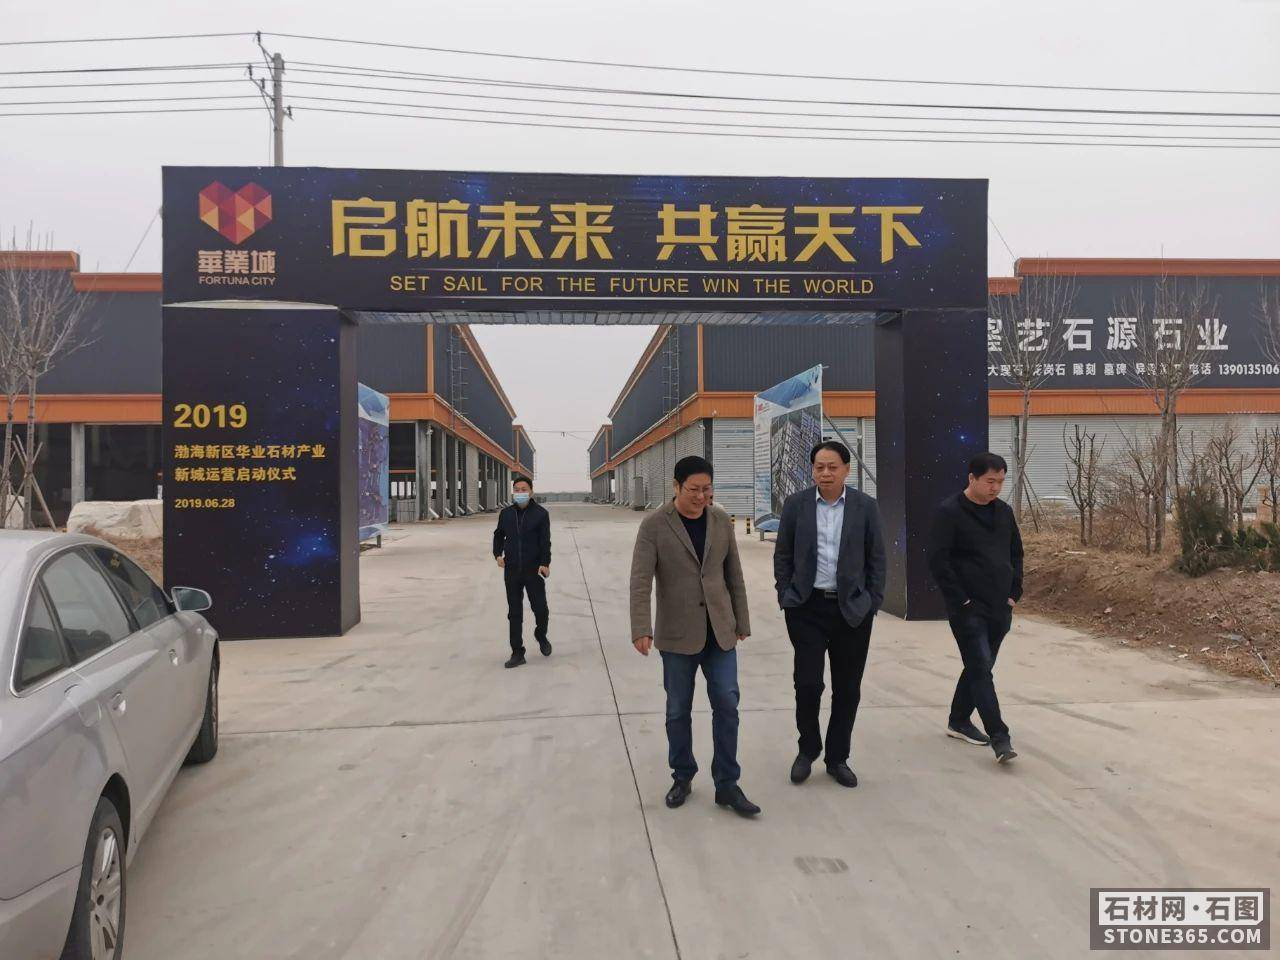 全国工商联石材业商会副会长张丕善一行造访调研河北黄骅港华业石材城